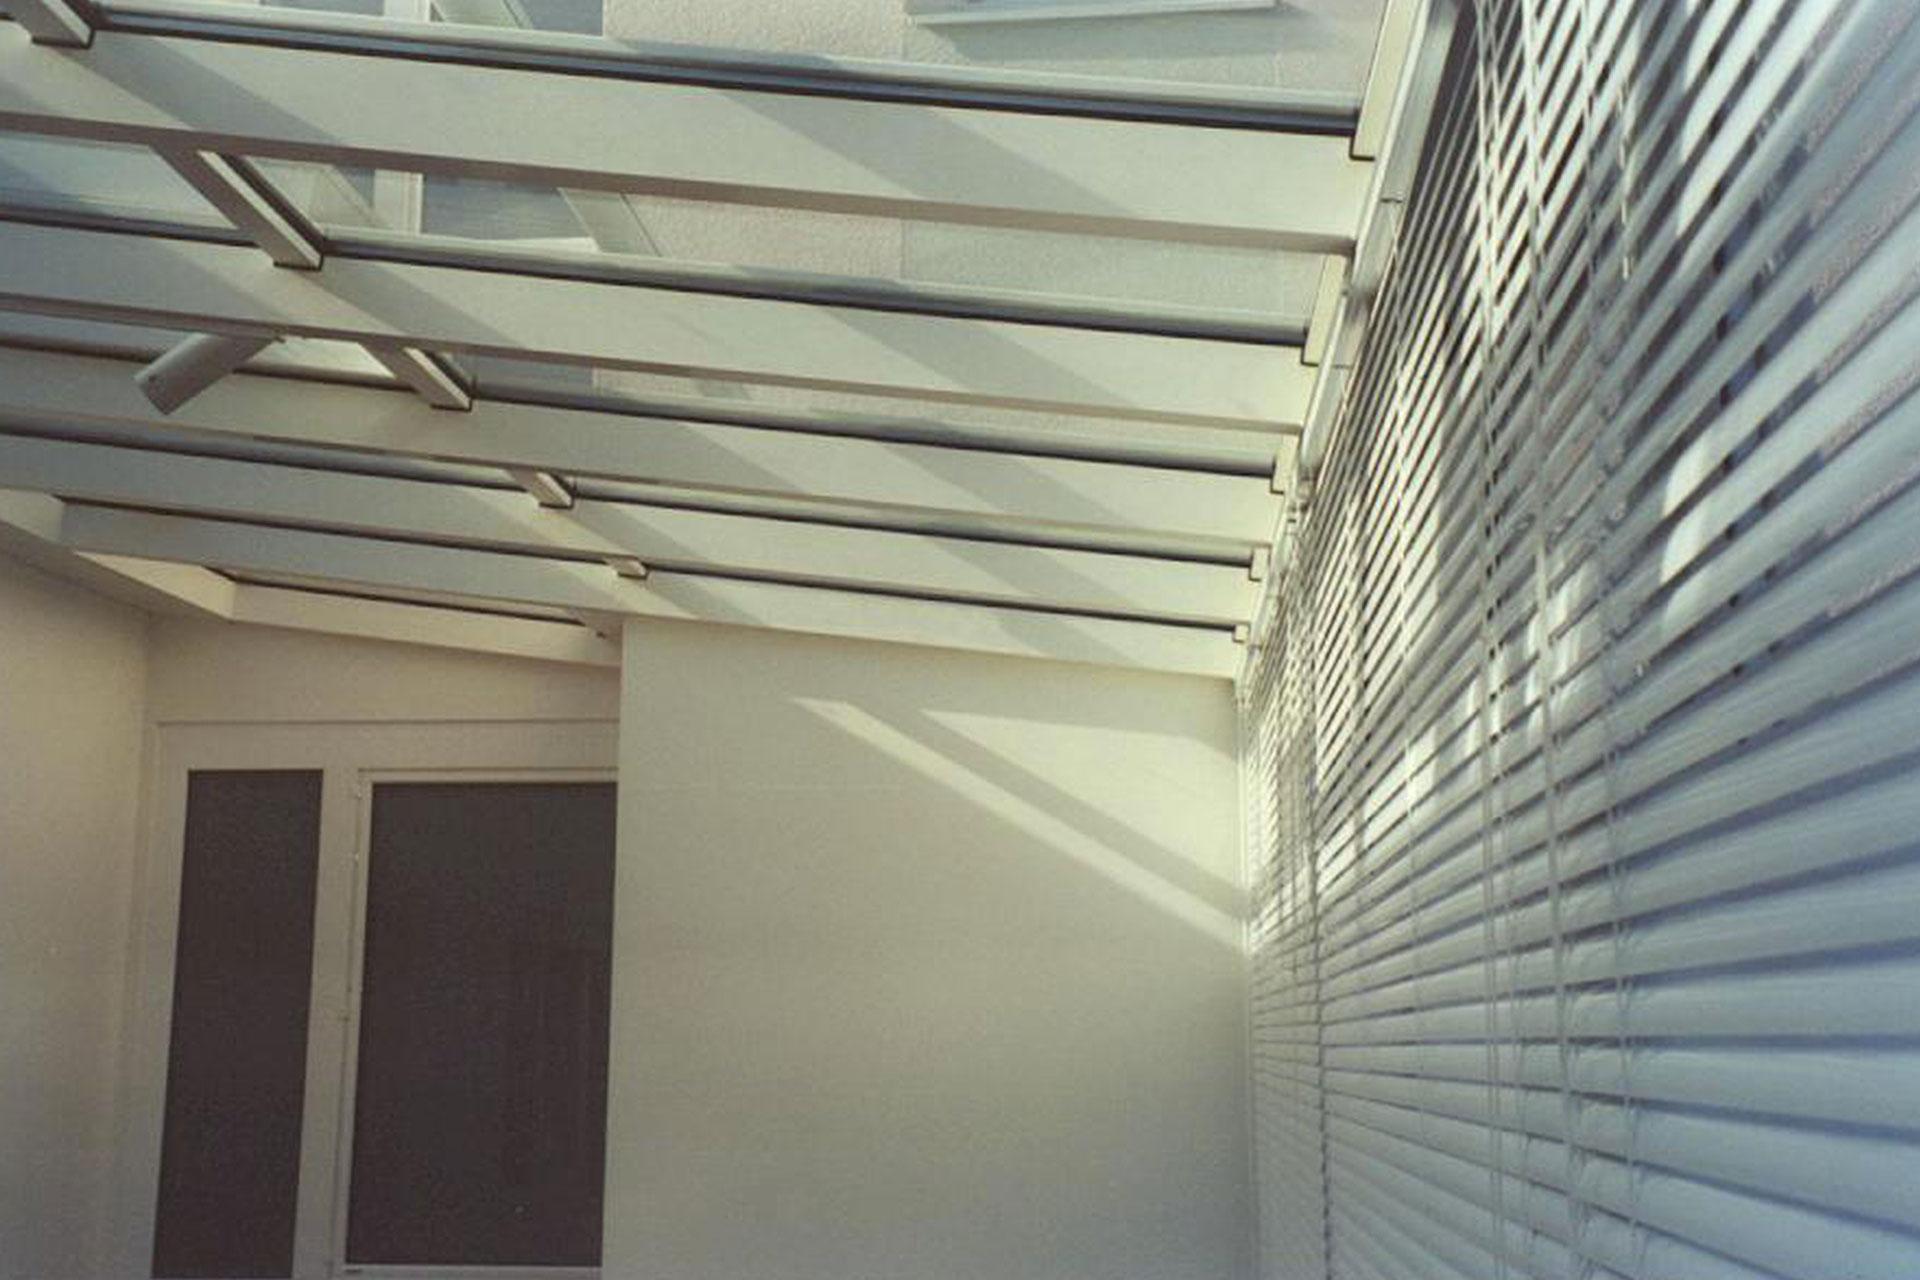 Giardino d'inverno winter garden serramenti alluminio taglio termico lucernari